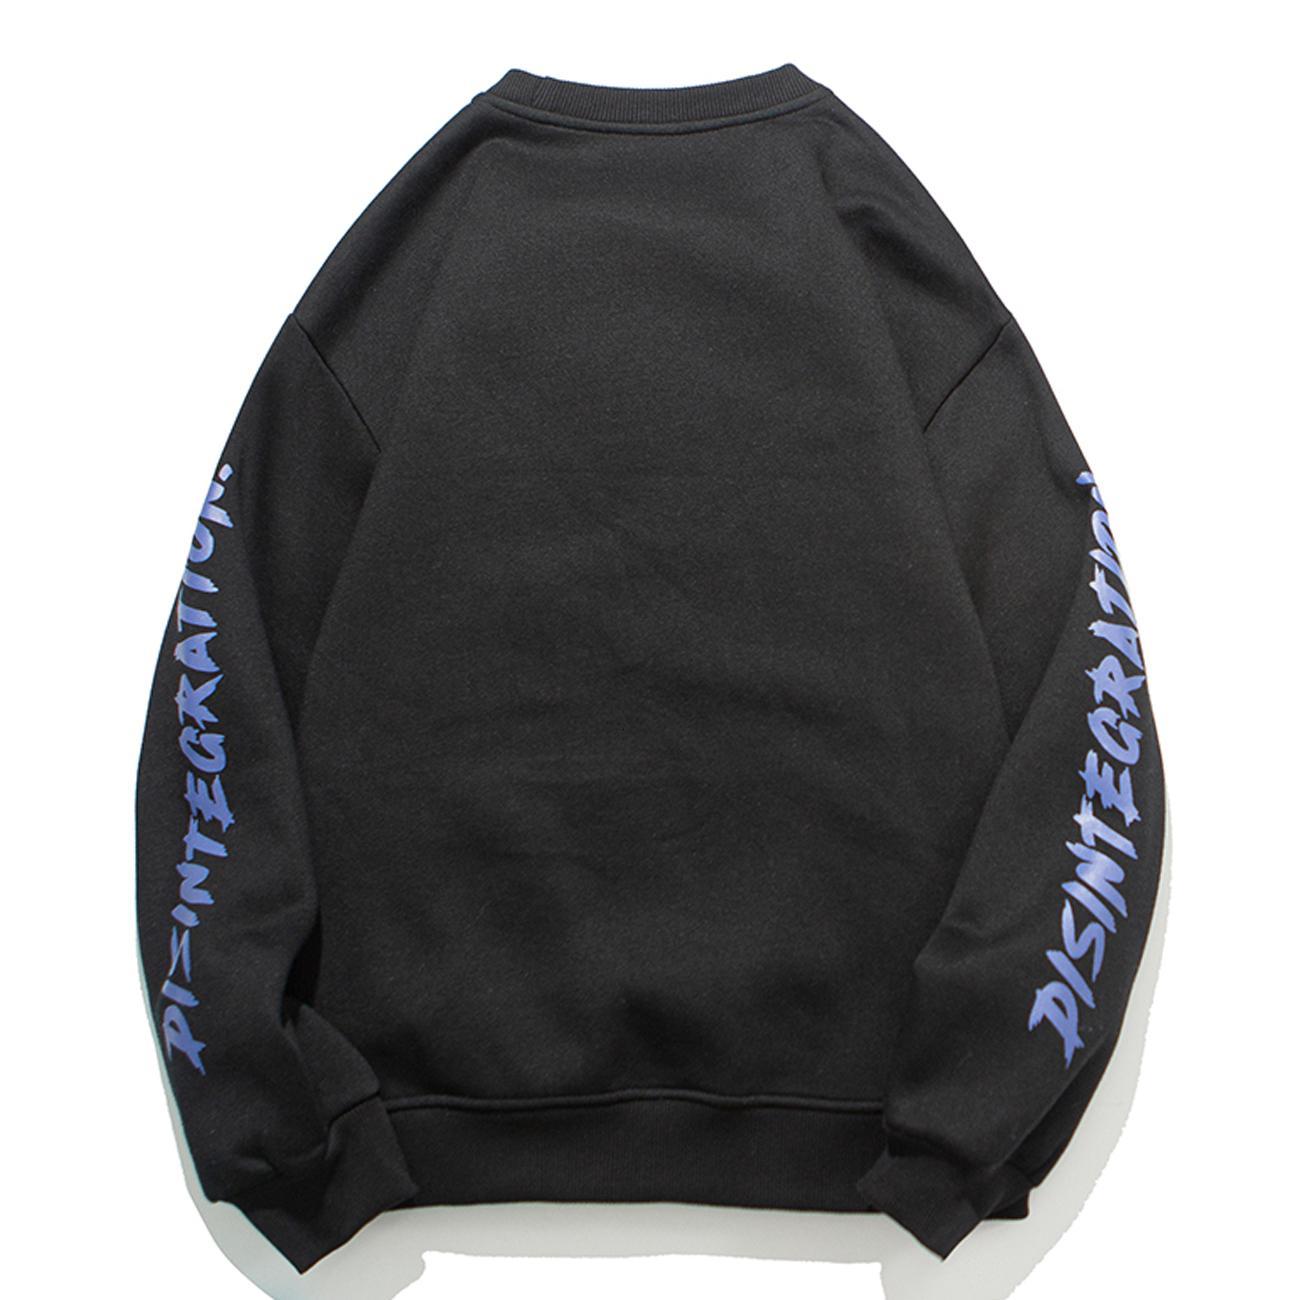 Eden 2021 Aelaşa Hip Hop Streetwear İki Eller Yükleniyor Baskı Harajuku Hoodie Tişörtü Kış Kazak Erkekler C 39DS